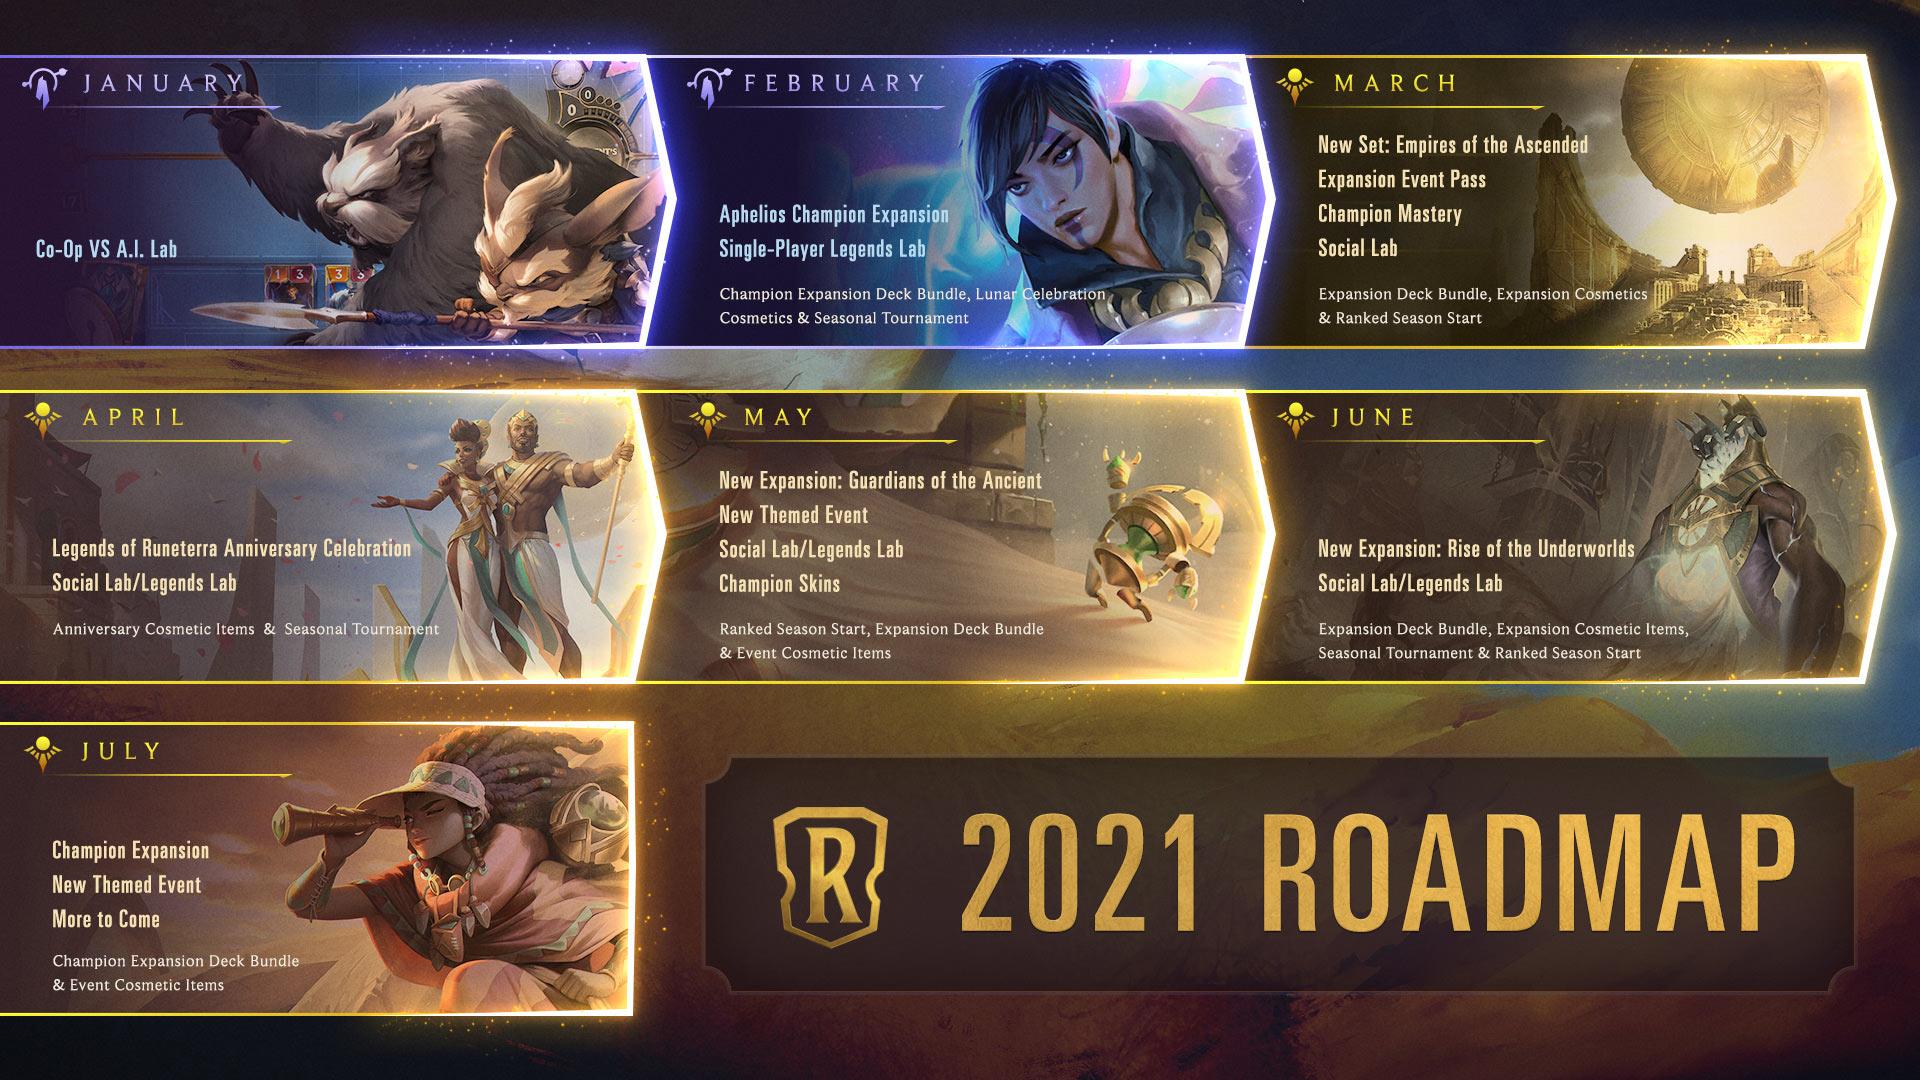 1_2021_roadmap_v1.jpg